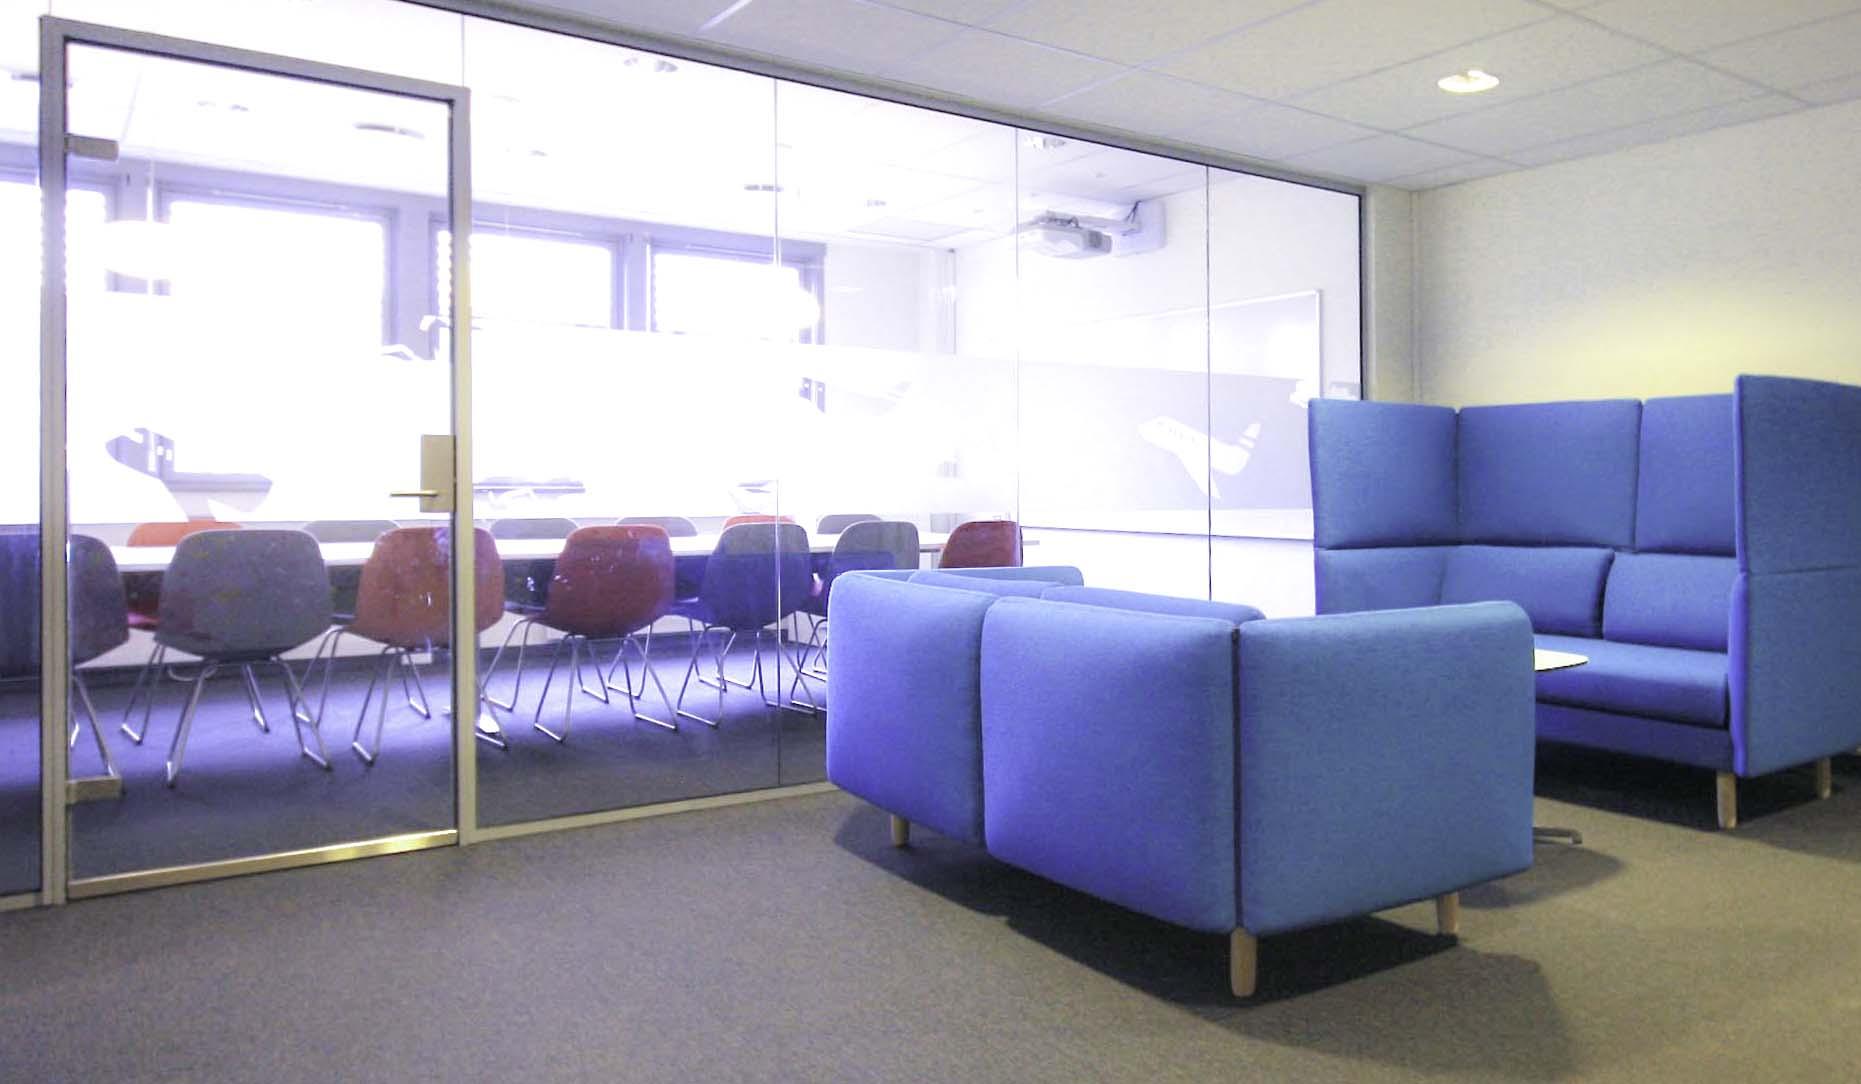 Interiør Reisebyrå kontor